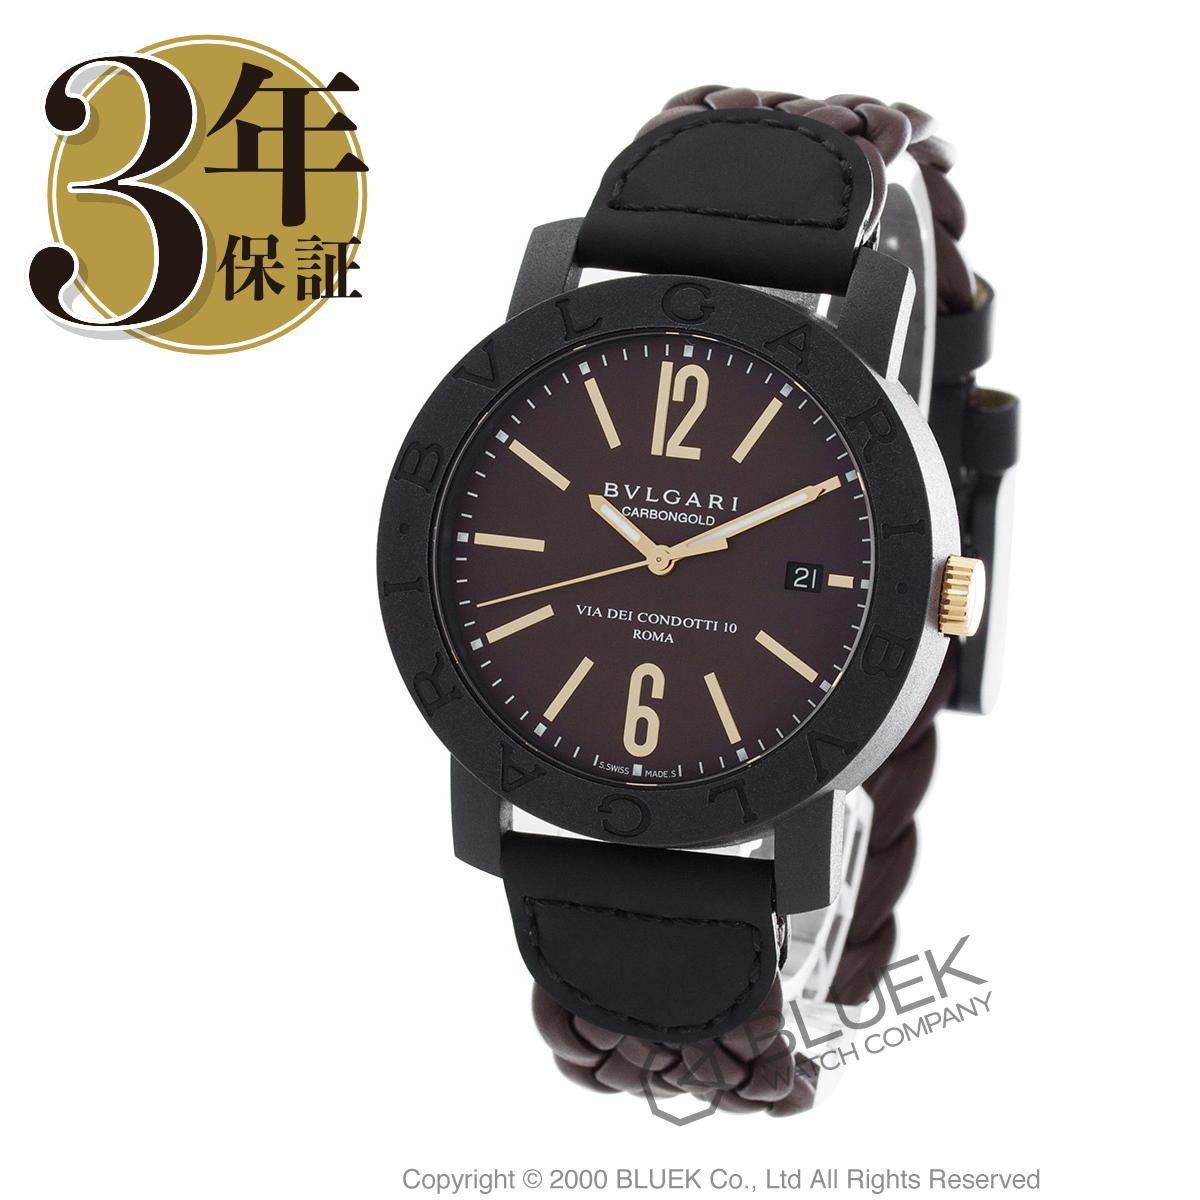 ブルガリ BVLGARI 腕時計 ブルガリブルガリ カーボンゴールド メンズ BBP40C11CGLD_8